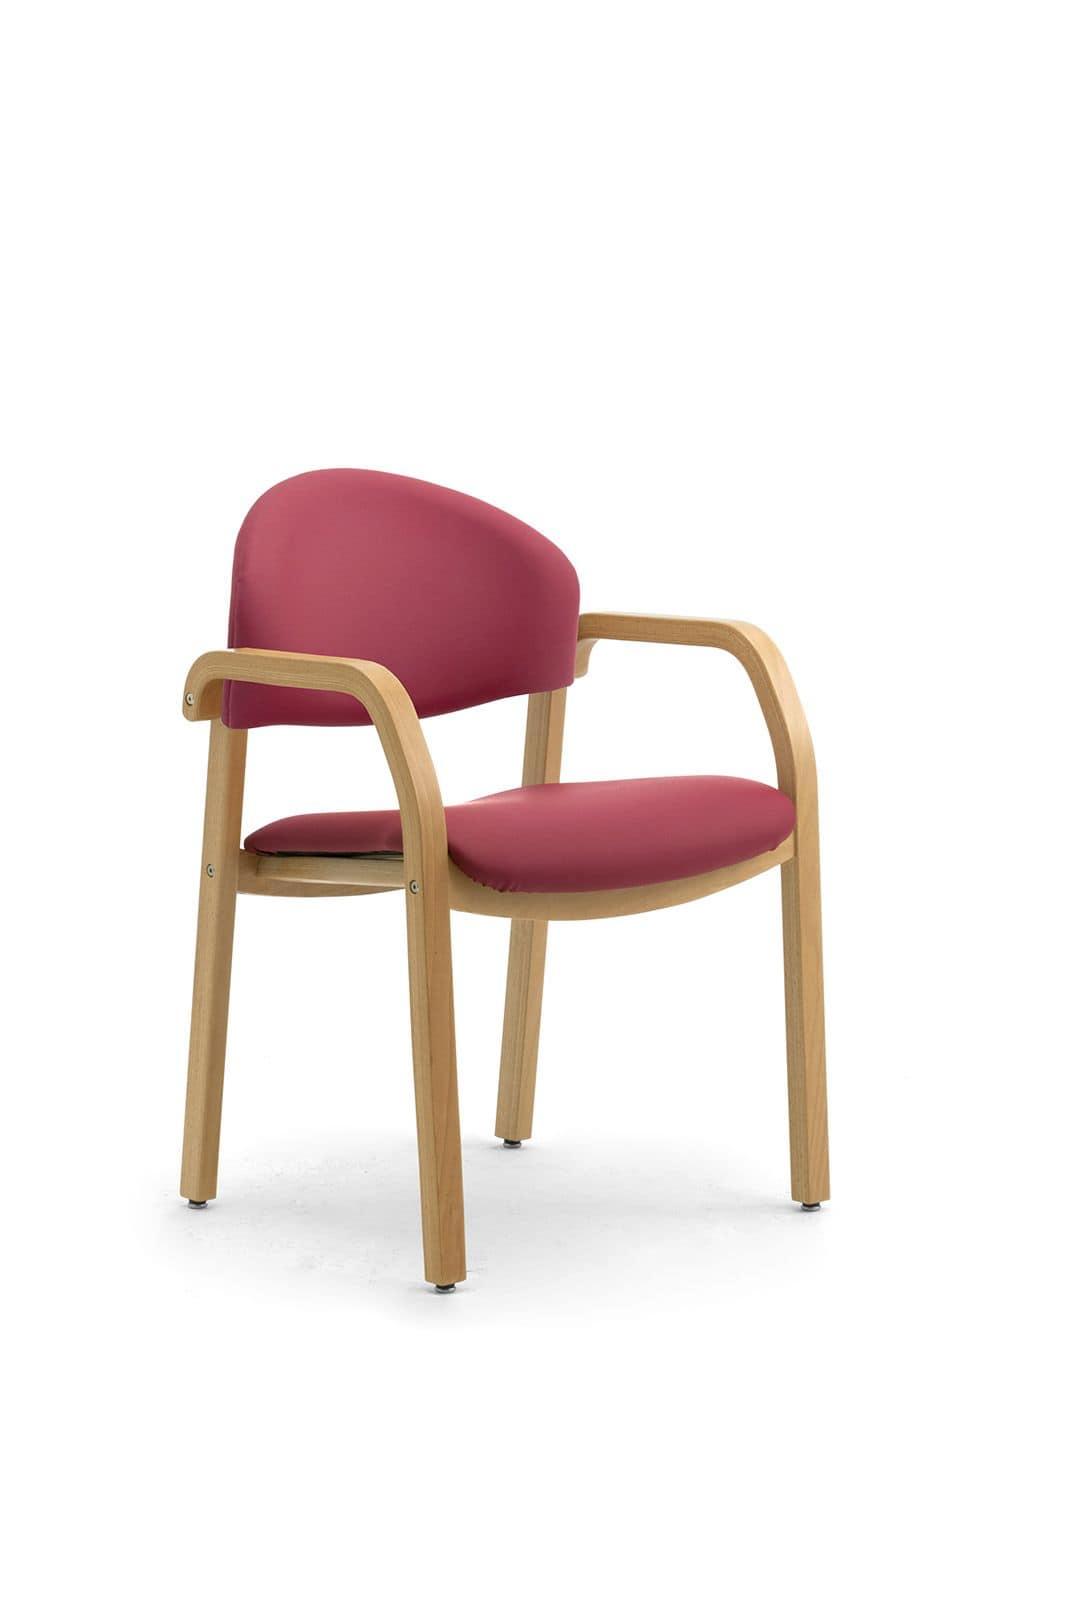 Sedia imbottita in legno per sale d'attesa, ignifuga  IDFdesign